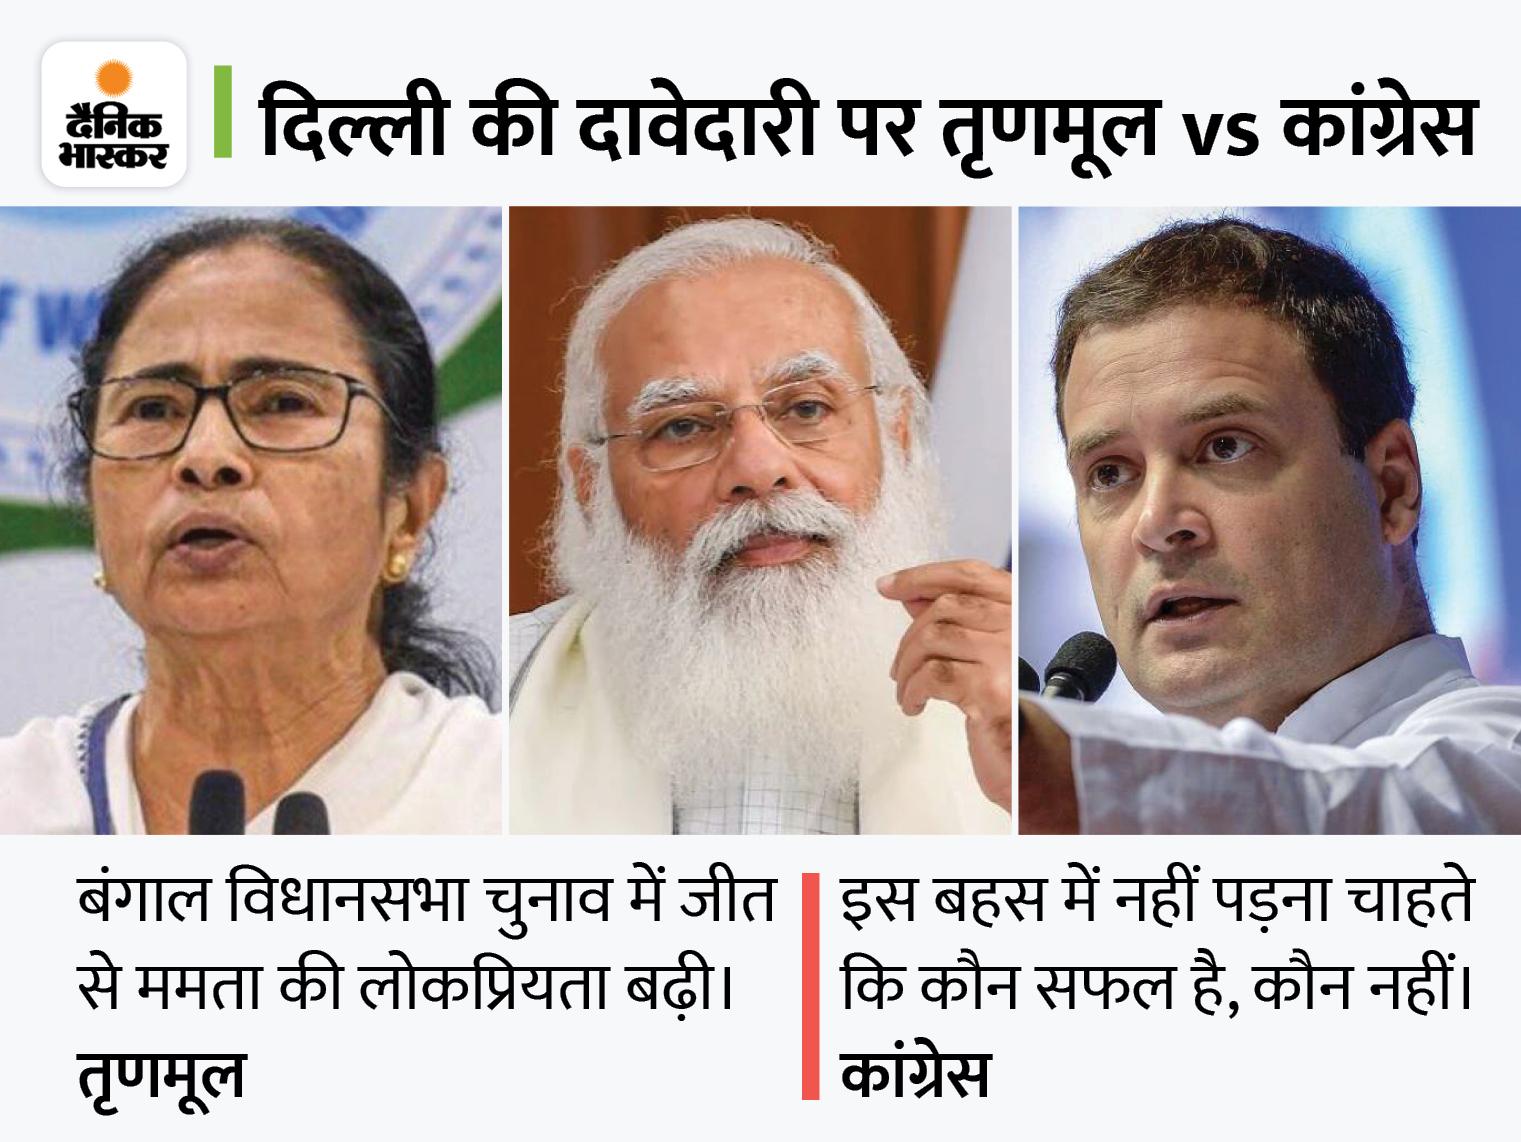 तृणमूल कांग्रेस ने मुखपत्र में दावा ठोका, कहा- राहुल फेल हुए, ममता बनर्जी मोदी से मोर्चा लेने में सफल रहीं|देश,National - Dainik Bhaskar